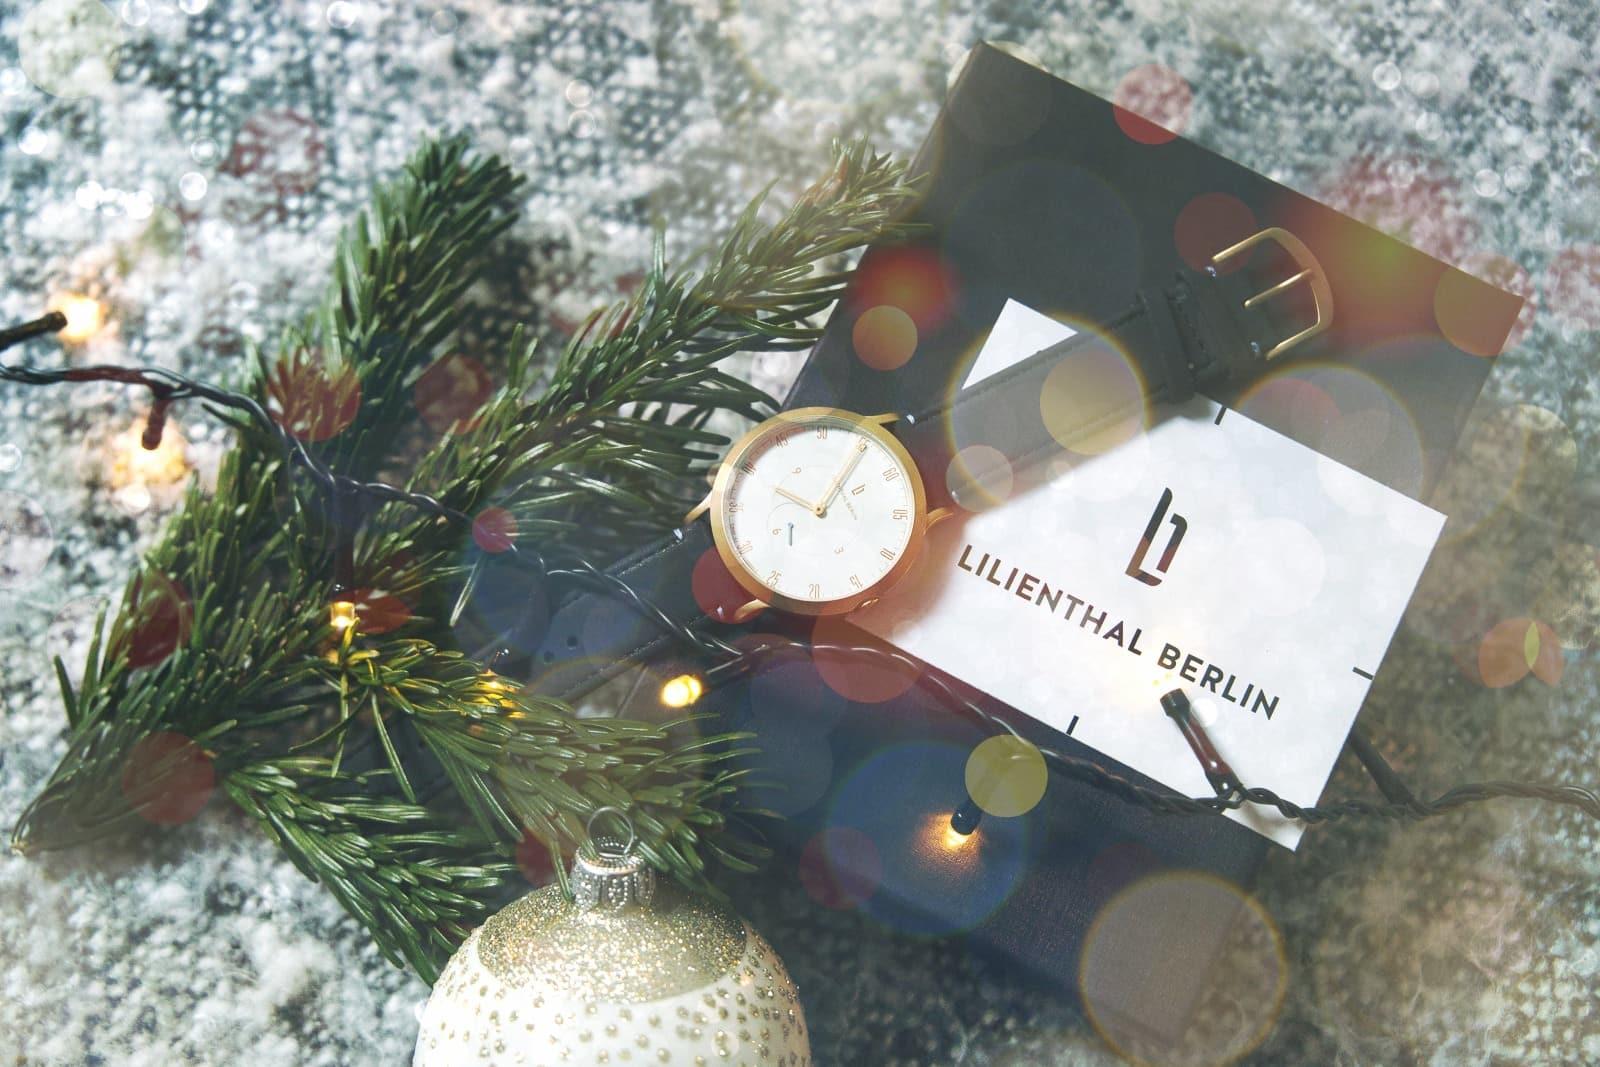 24 bells are ringing - Türchen 20: Gewinne eine Lilienthal Uhr im Wert von 200 Euro!